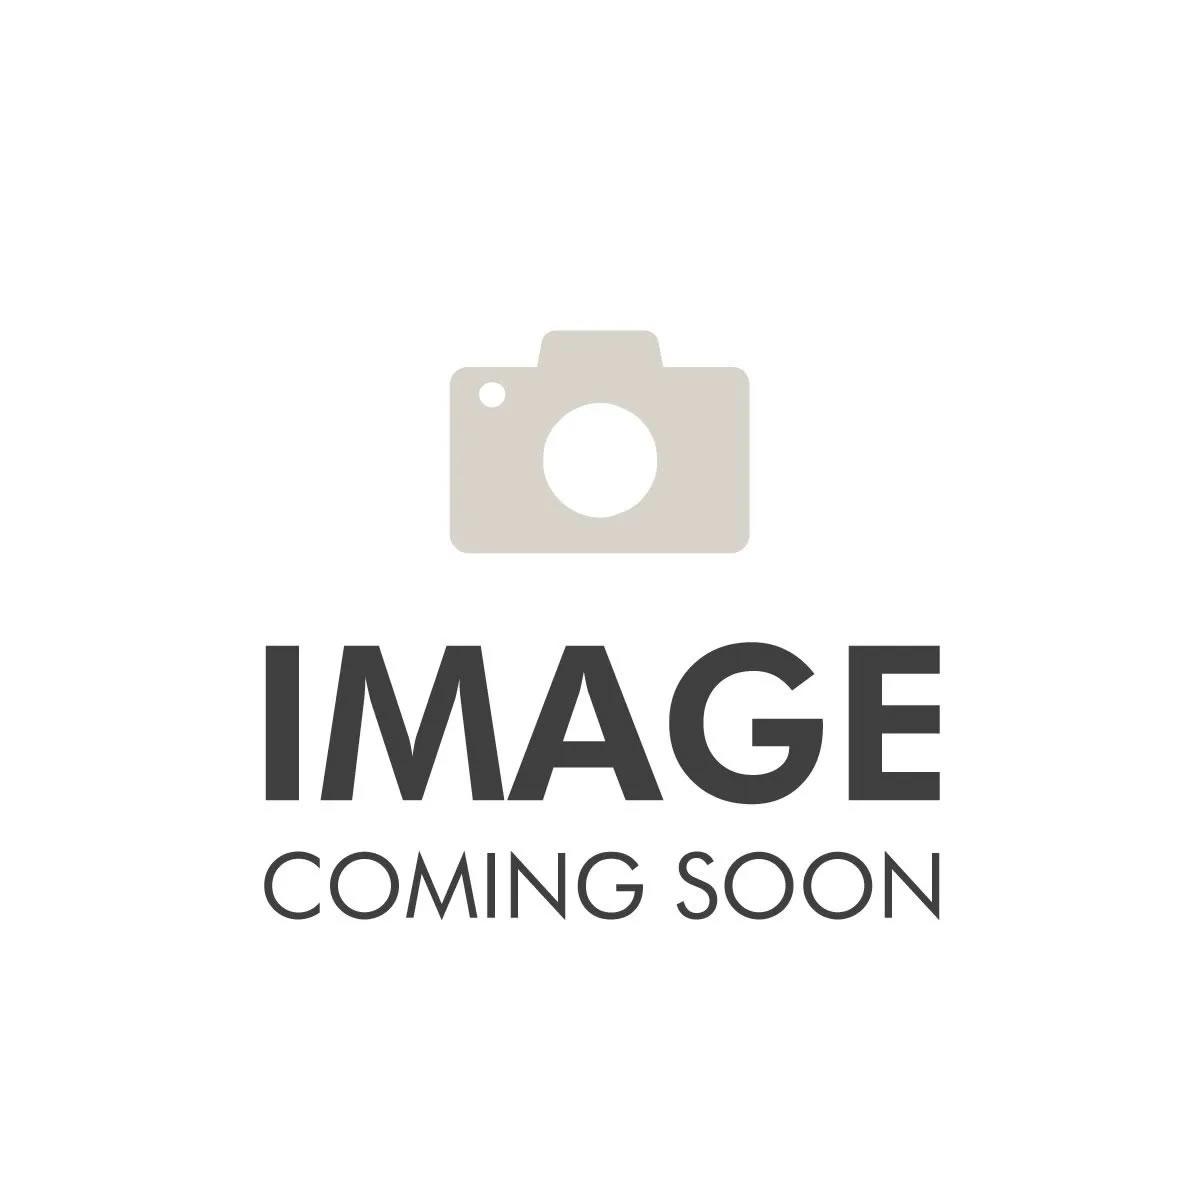 Interior Door Handle Trim Chrome 07-10 Jeep JK Wrangler